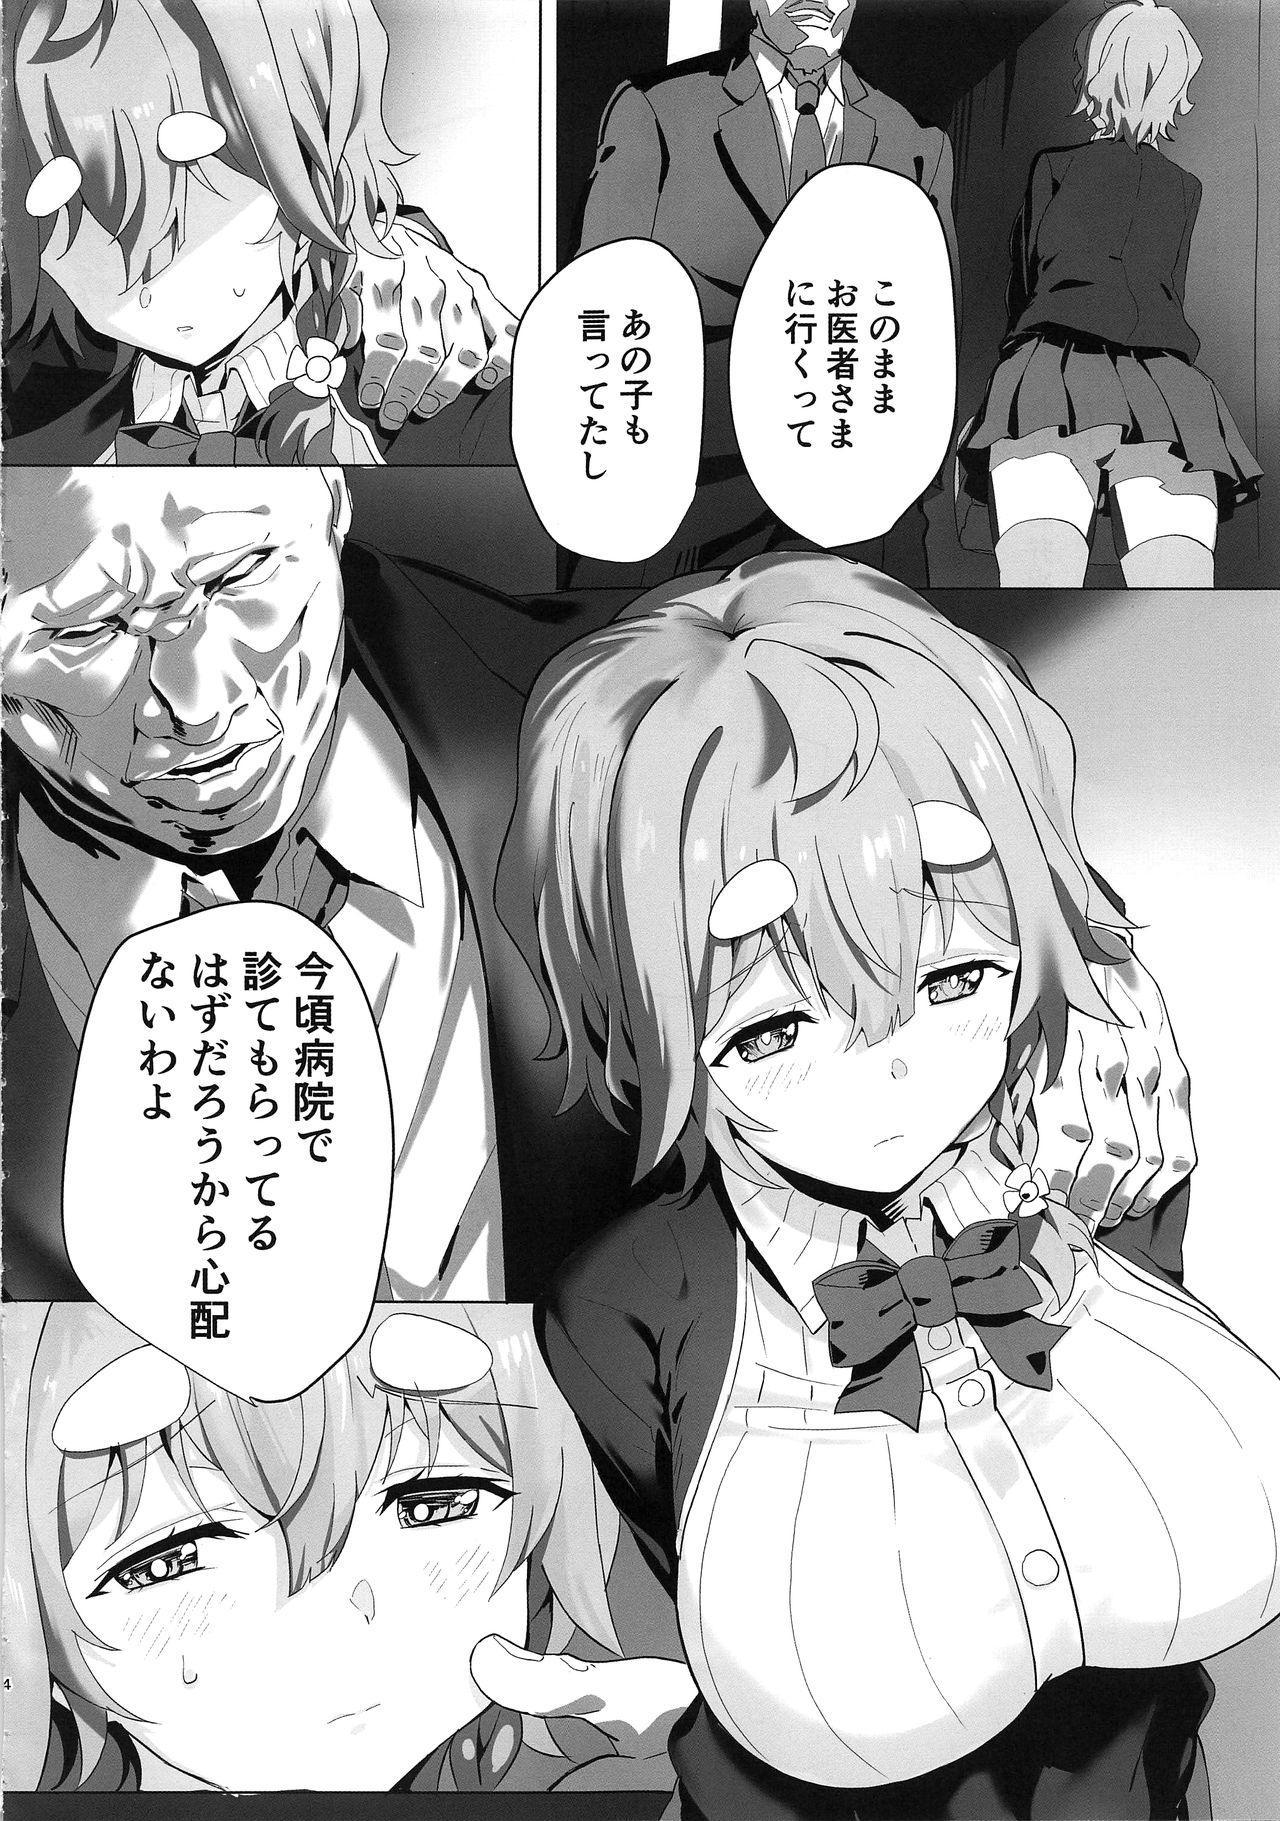 Koiwai Shishou ni Hidoi Koto suru Hon 3